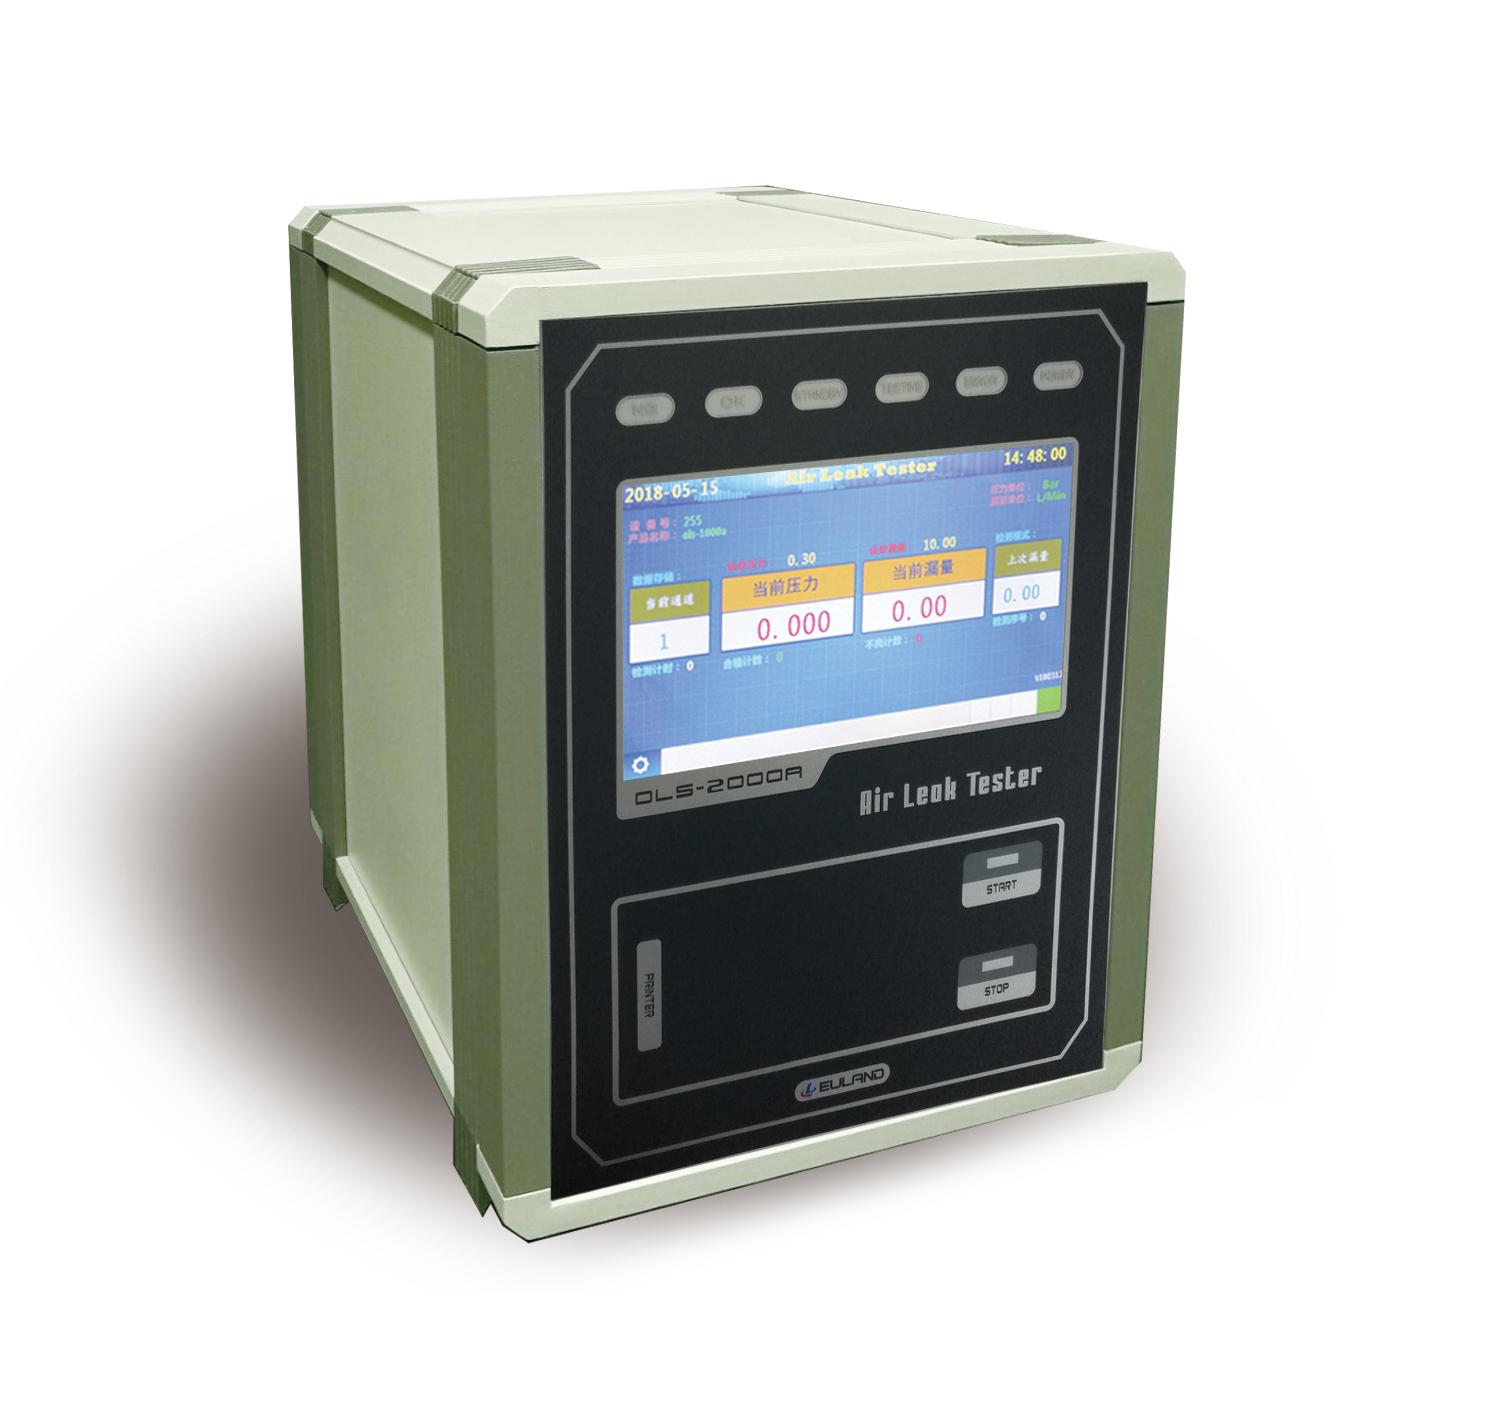 OLS-2000A